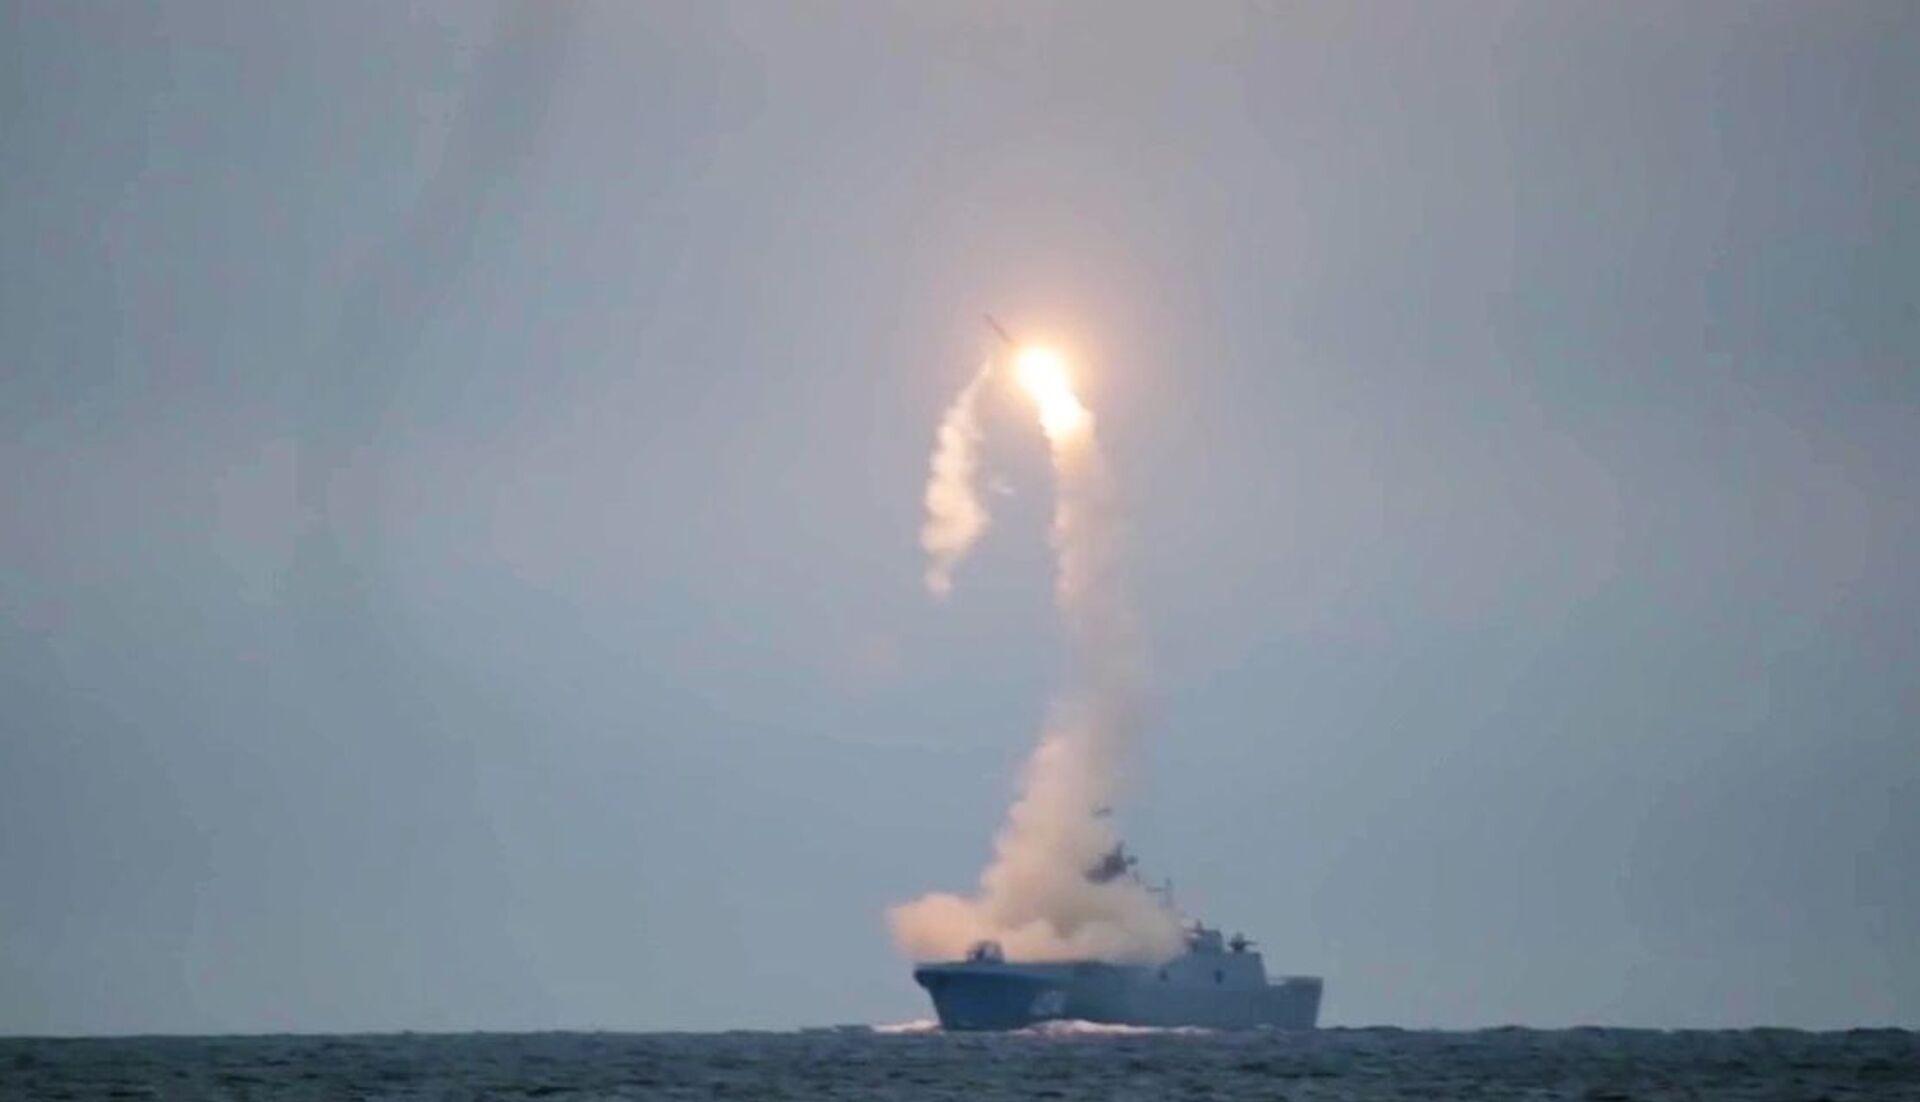 """Lần đầu tiên phóng tên lửa siêu thanh Zircon từ tàu """"Đô đốc Gorshkov - Sputnik Việt Nam, 1920, 05.10.2021"""